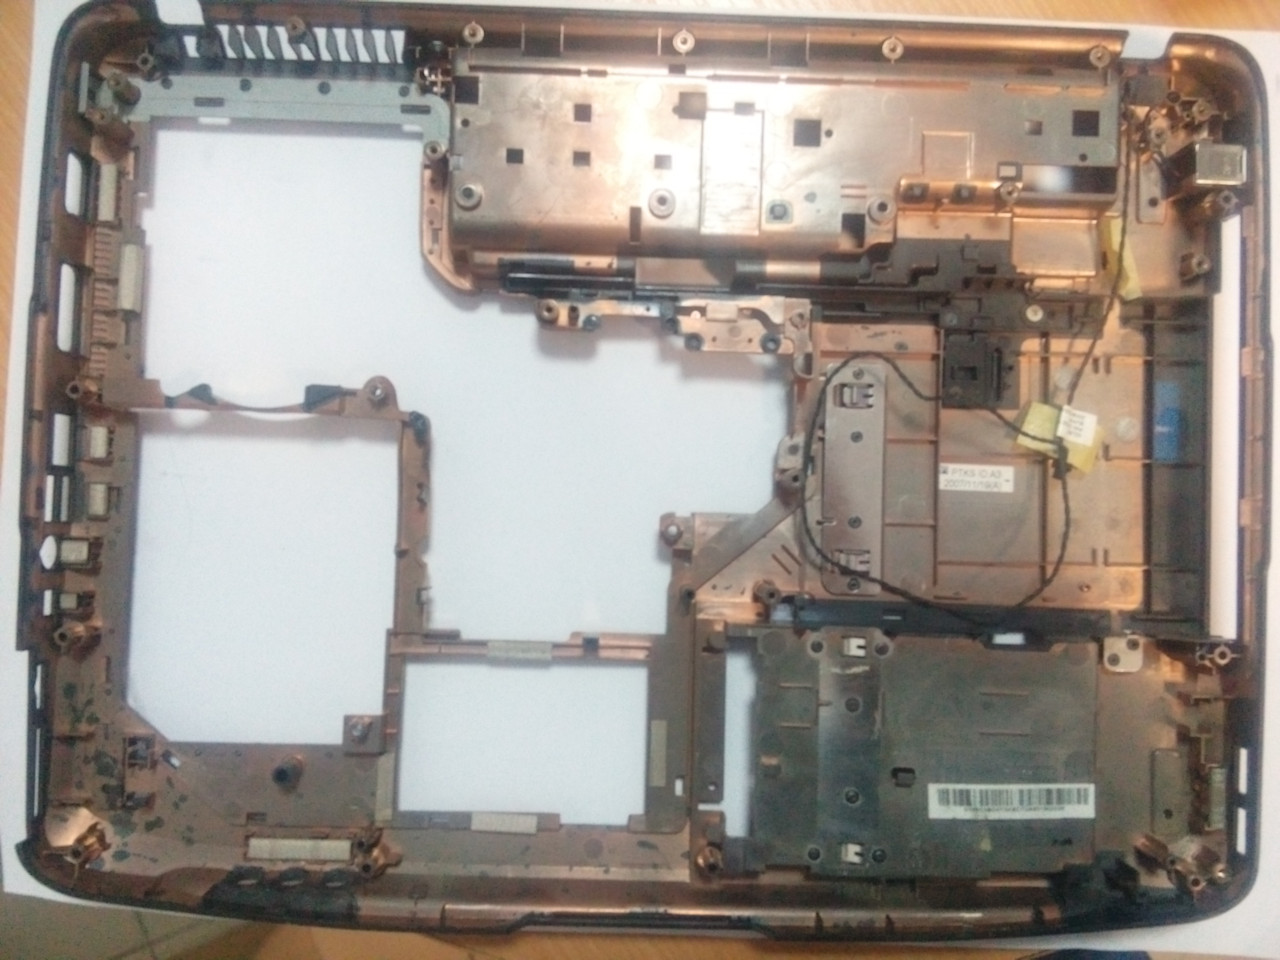 Нижня частина корпусу (дно) Acer Aspire 5520 AP01K000E00